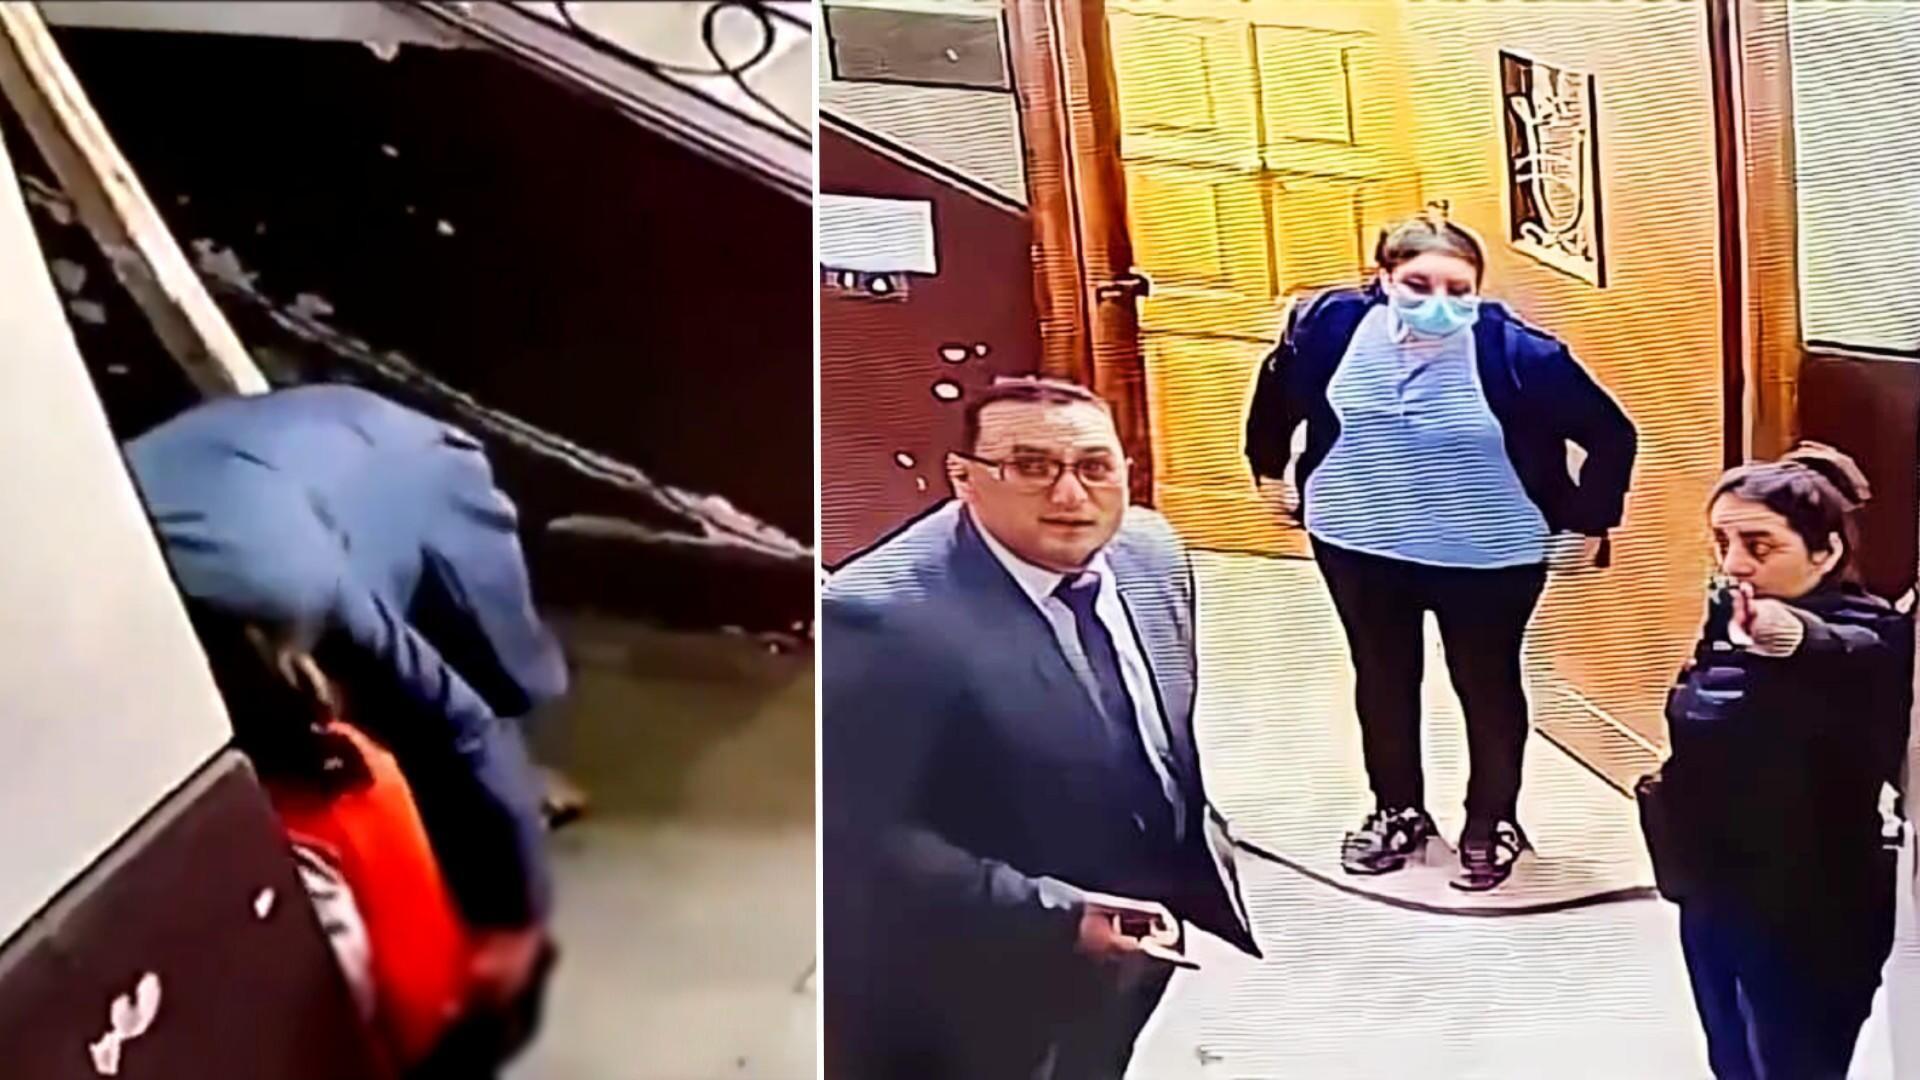 Grâce à une caméra de surveillance, une femme (droite) est intervenue de justesse pour sauver une fillette d'un agresseur sexuel. Cela s'est passé dans un quartier huppé du Caire, en pleine journée.